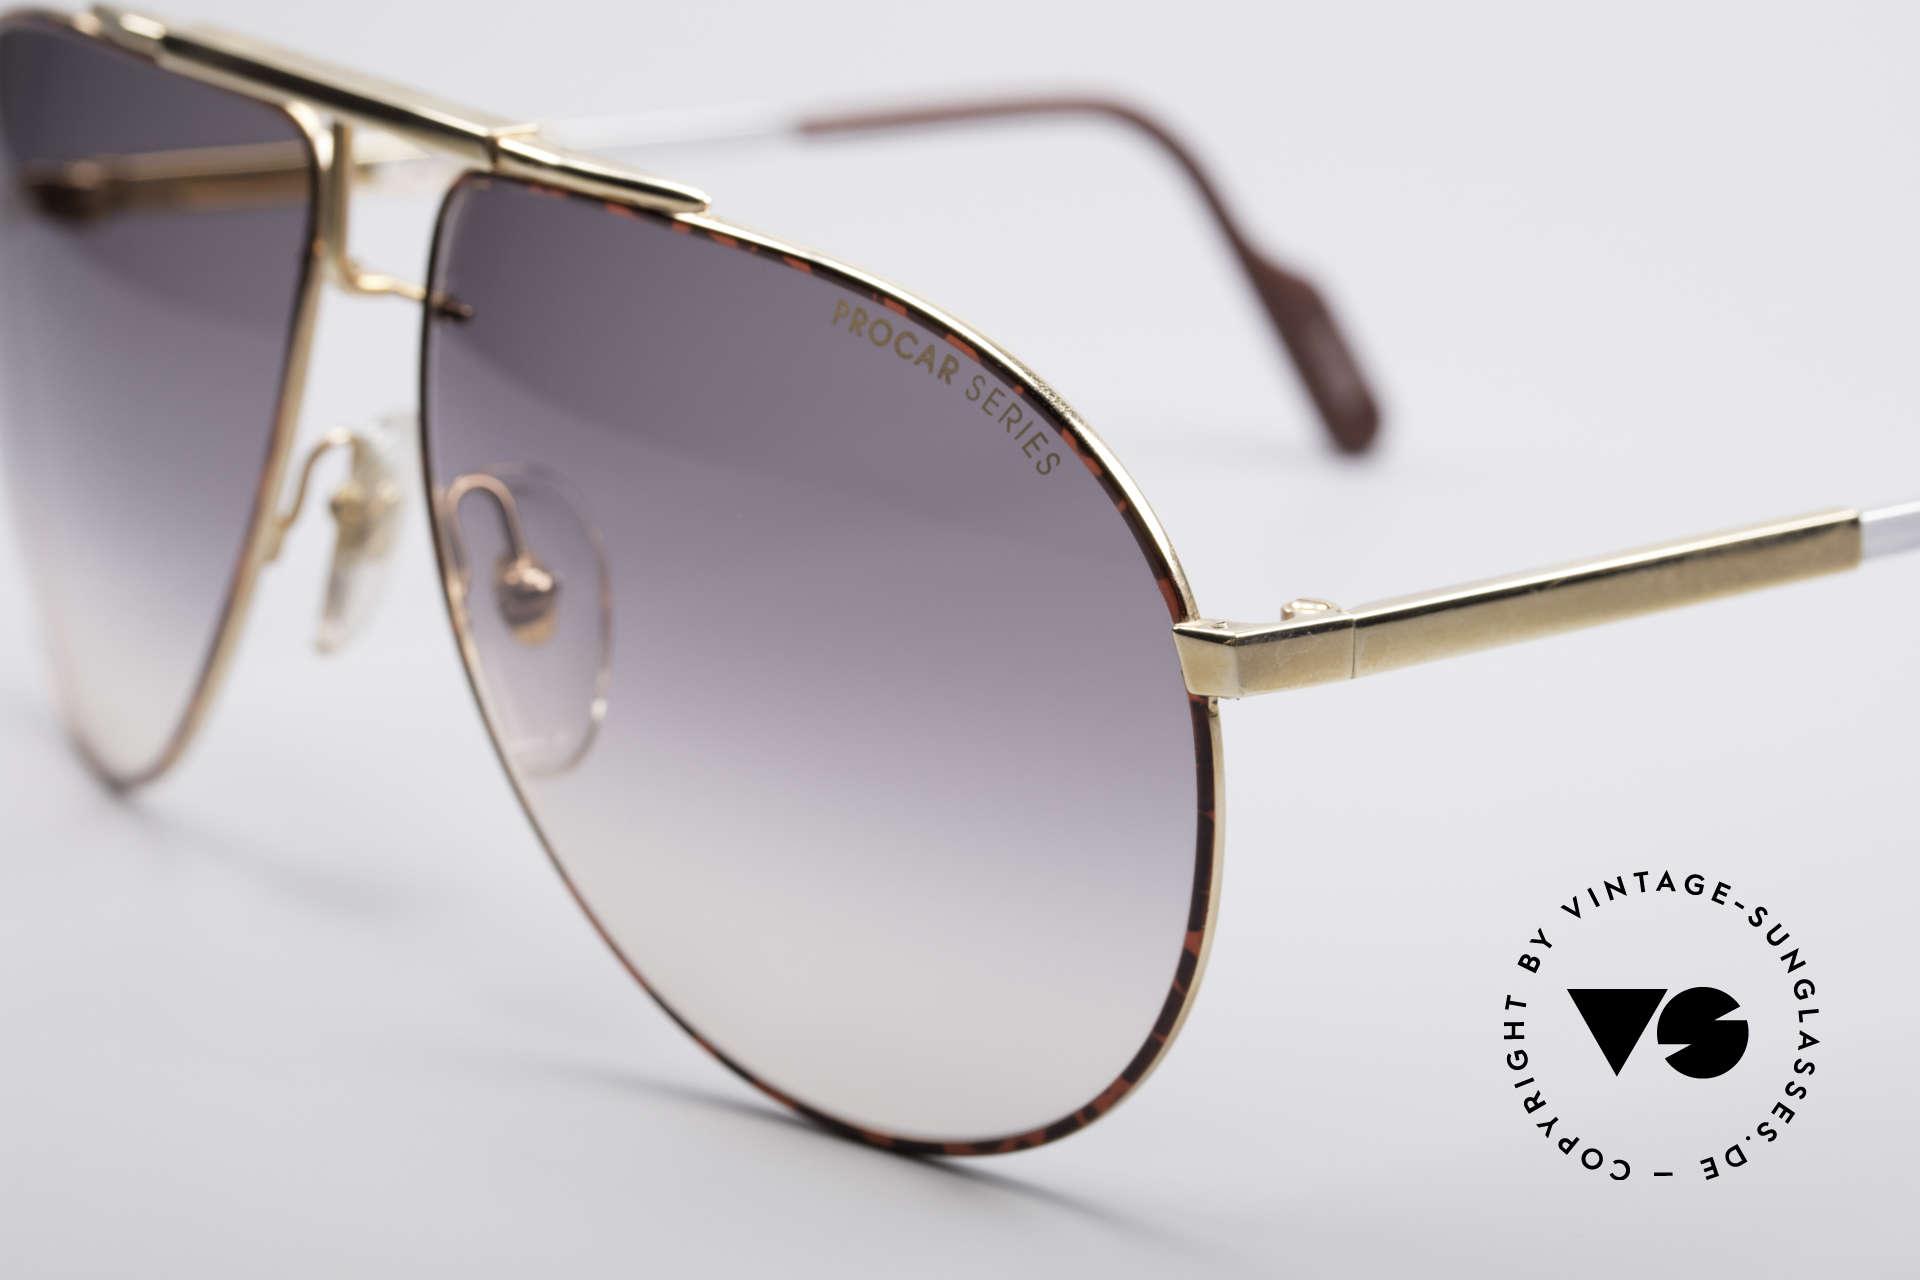 Alpina PC701 Verstellbare Brillenfassung, somit ideale Passform von M bis L Größe möglich, Passend für Herren